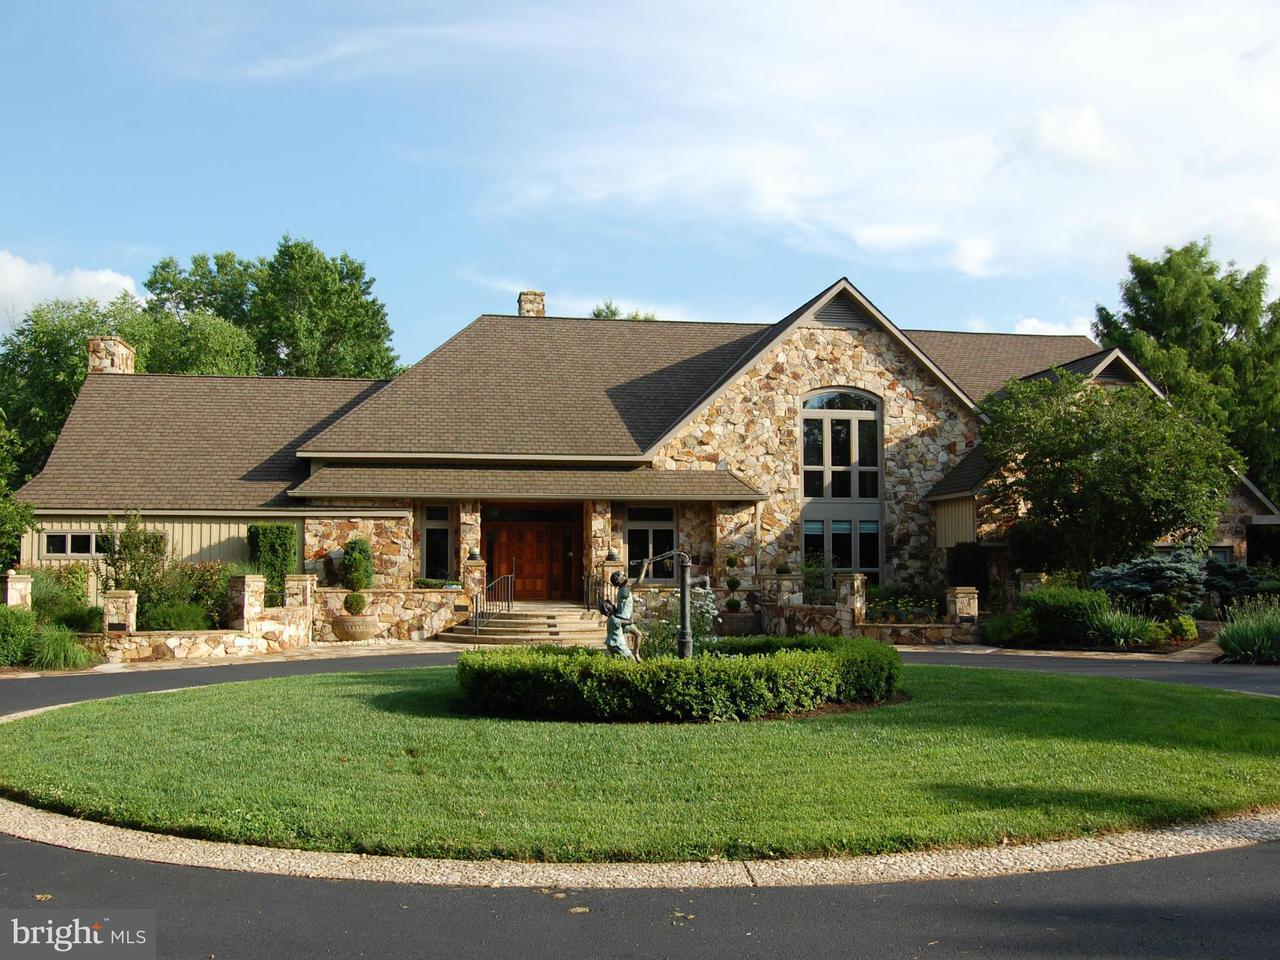 一戸建て のために 売買 アット 14079 Crataegus Court 14079 Crataegus Court Galena, メリーランド 21635 アメリカ合衆国